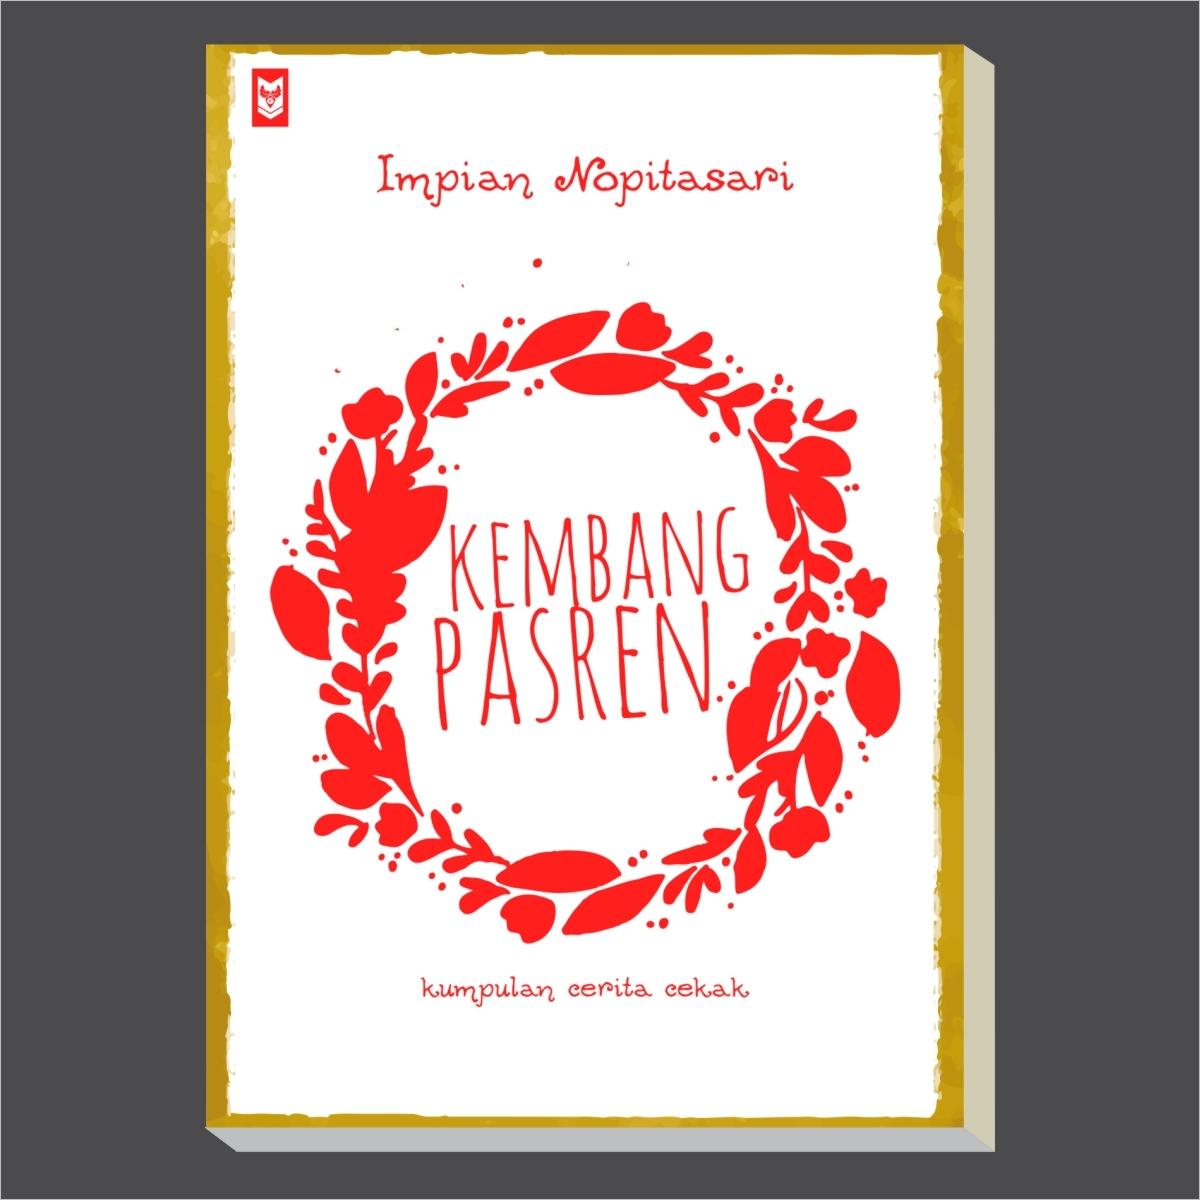 Kembang Pasren Oleh Impian Nopitasari - Blanja.com